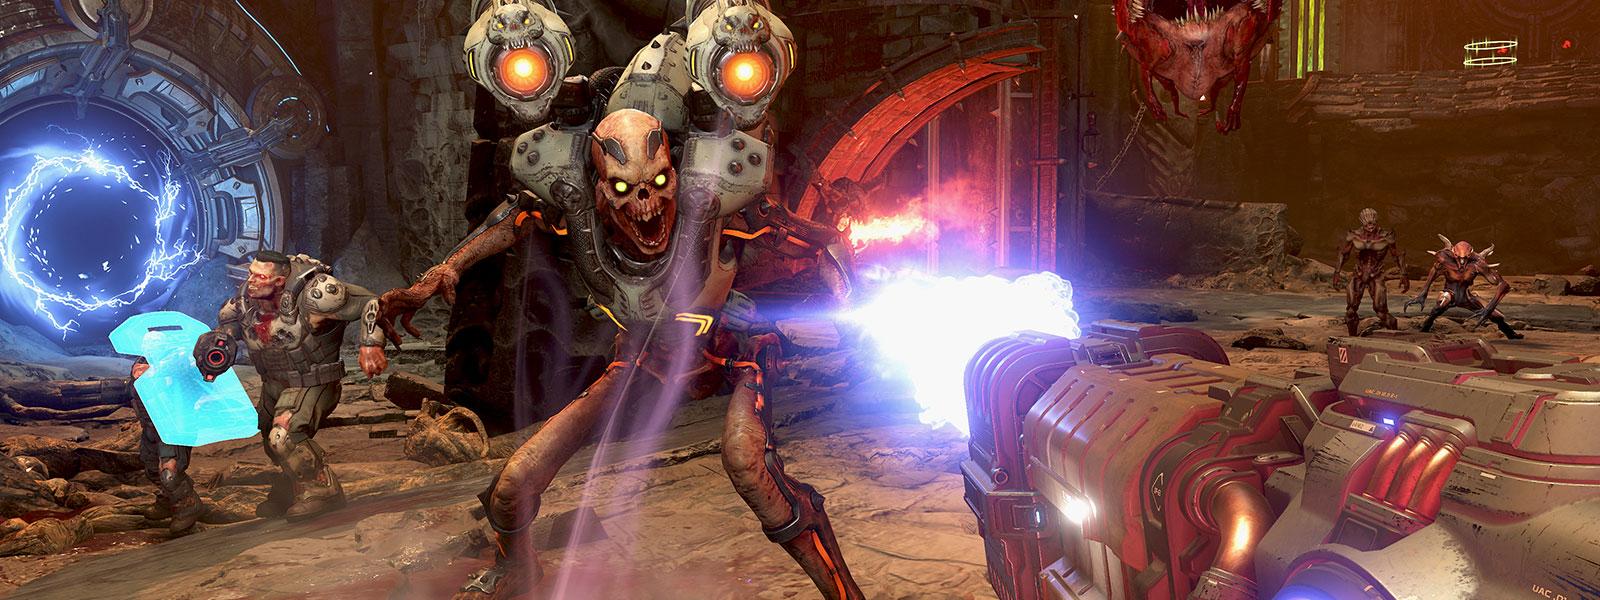 Hráč odbouchne kostru démona pistolí.